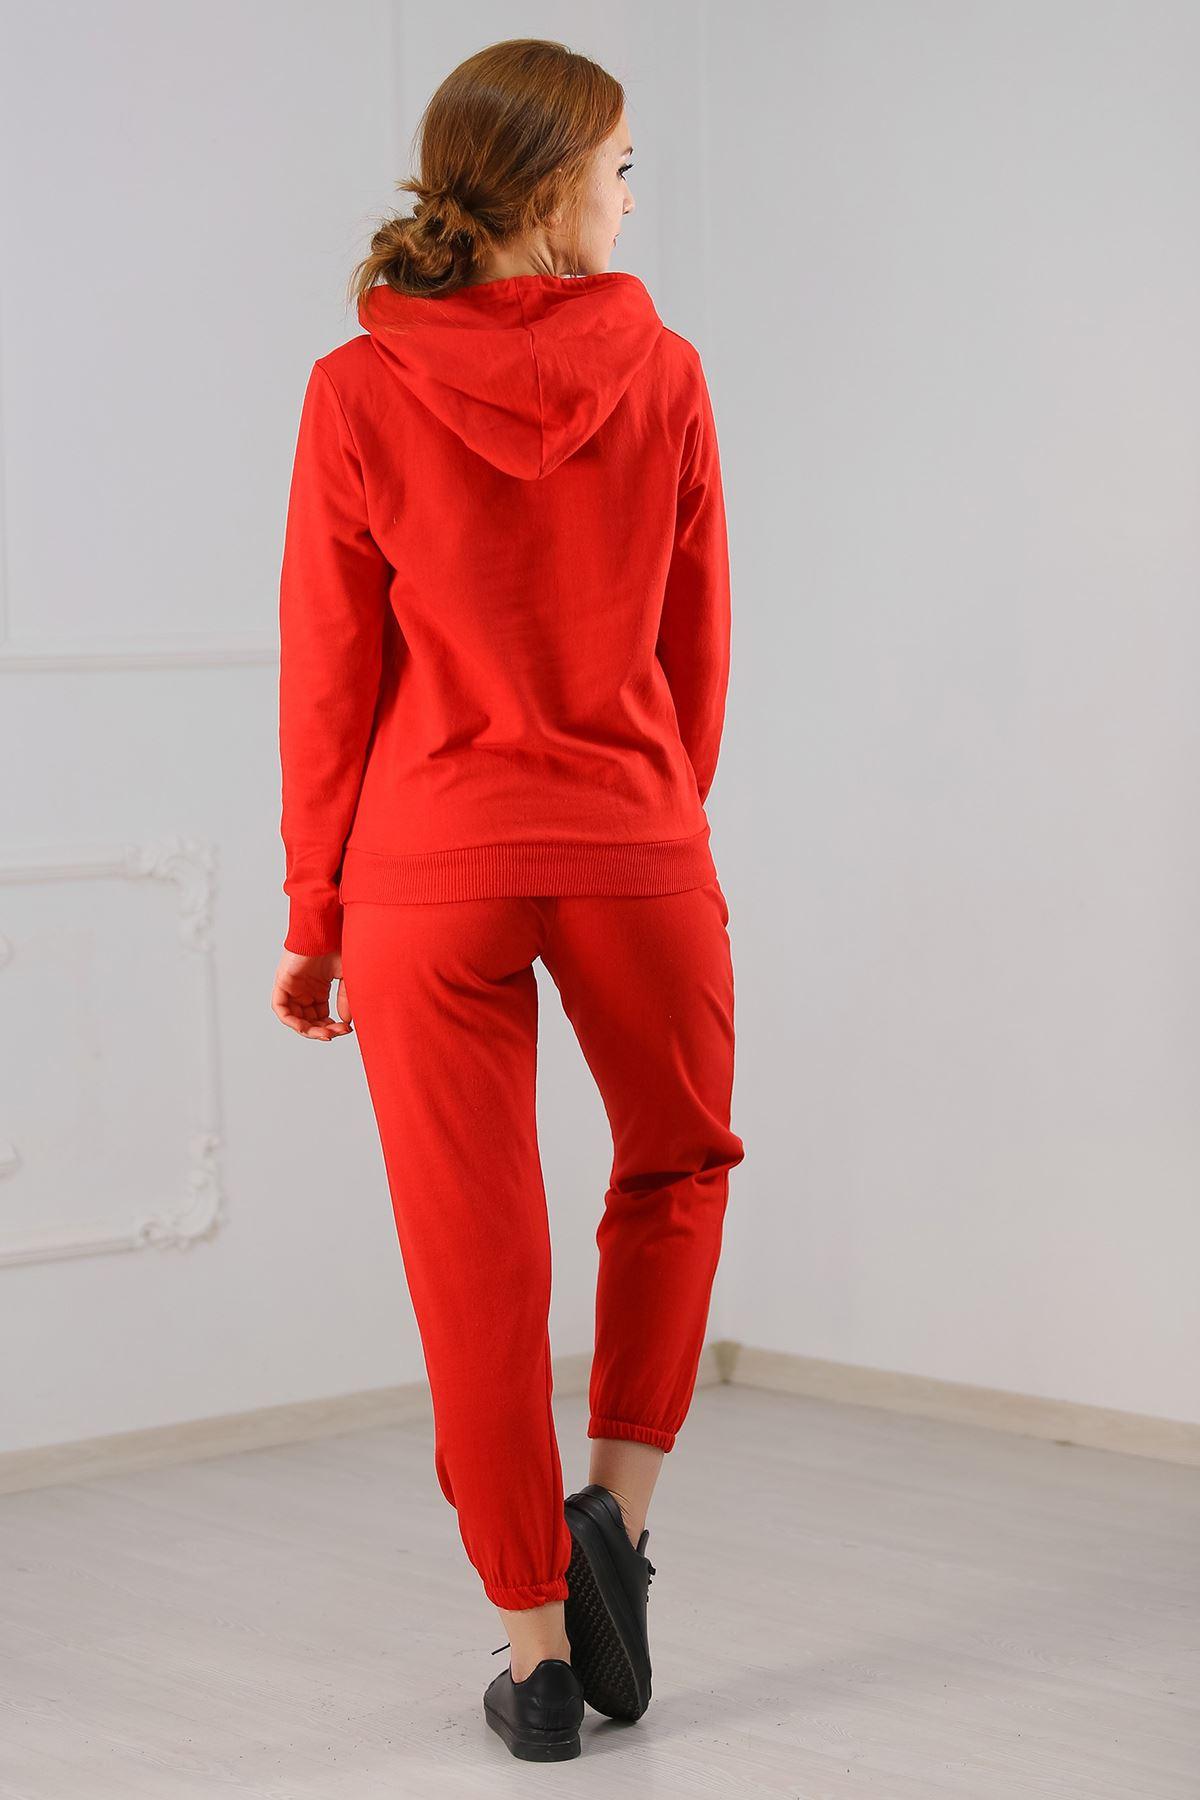 Kadın Eşofman Takımı Kırmızı - 21013.1059.